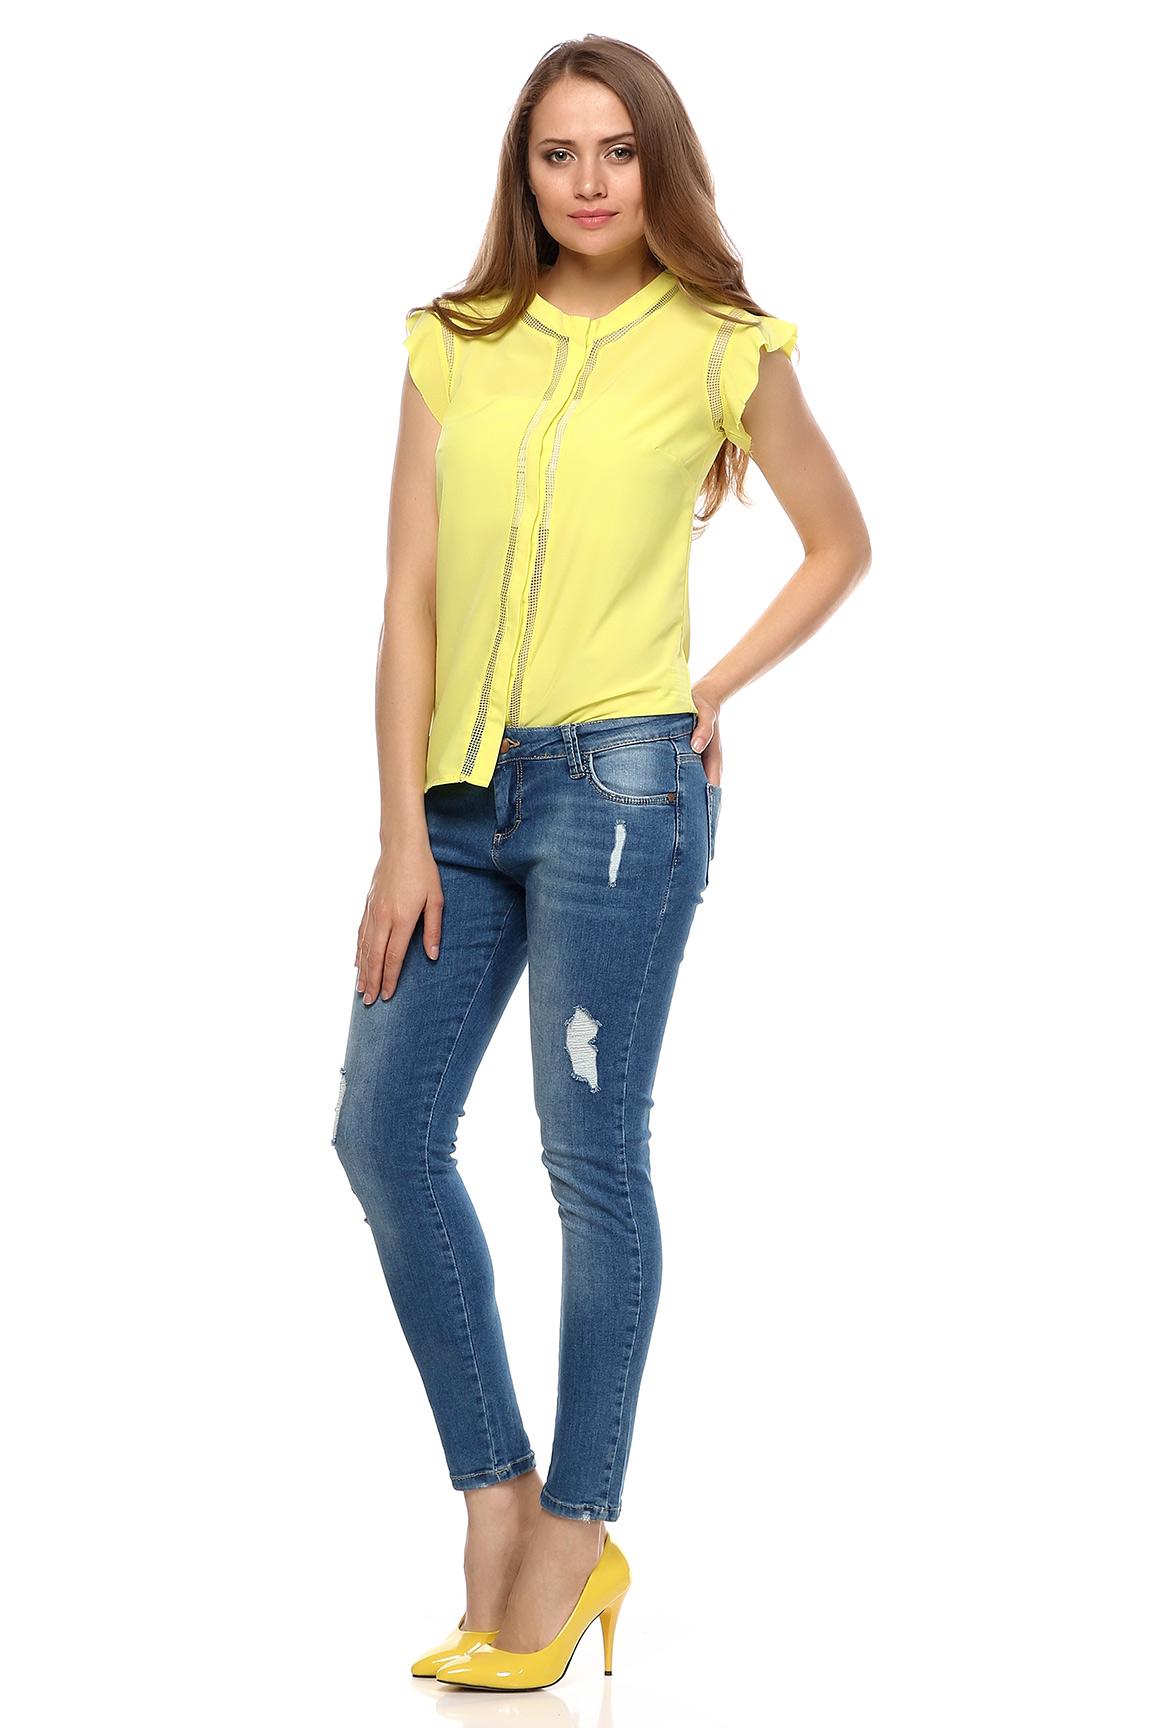 بالصور ملابس صيفية للمراهقات , اجمل ملابس لفصل الصيف 4716 10